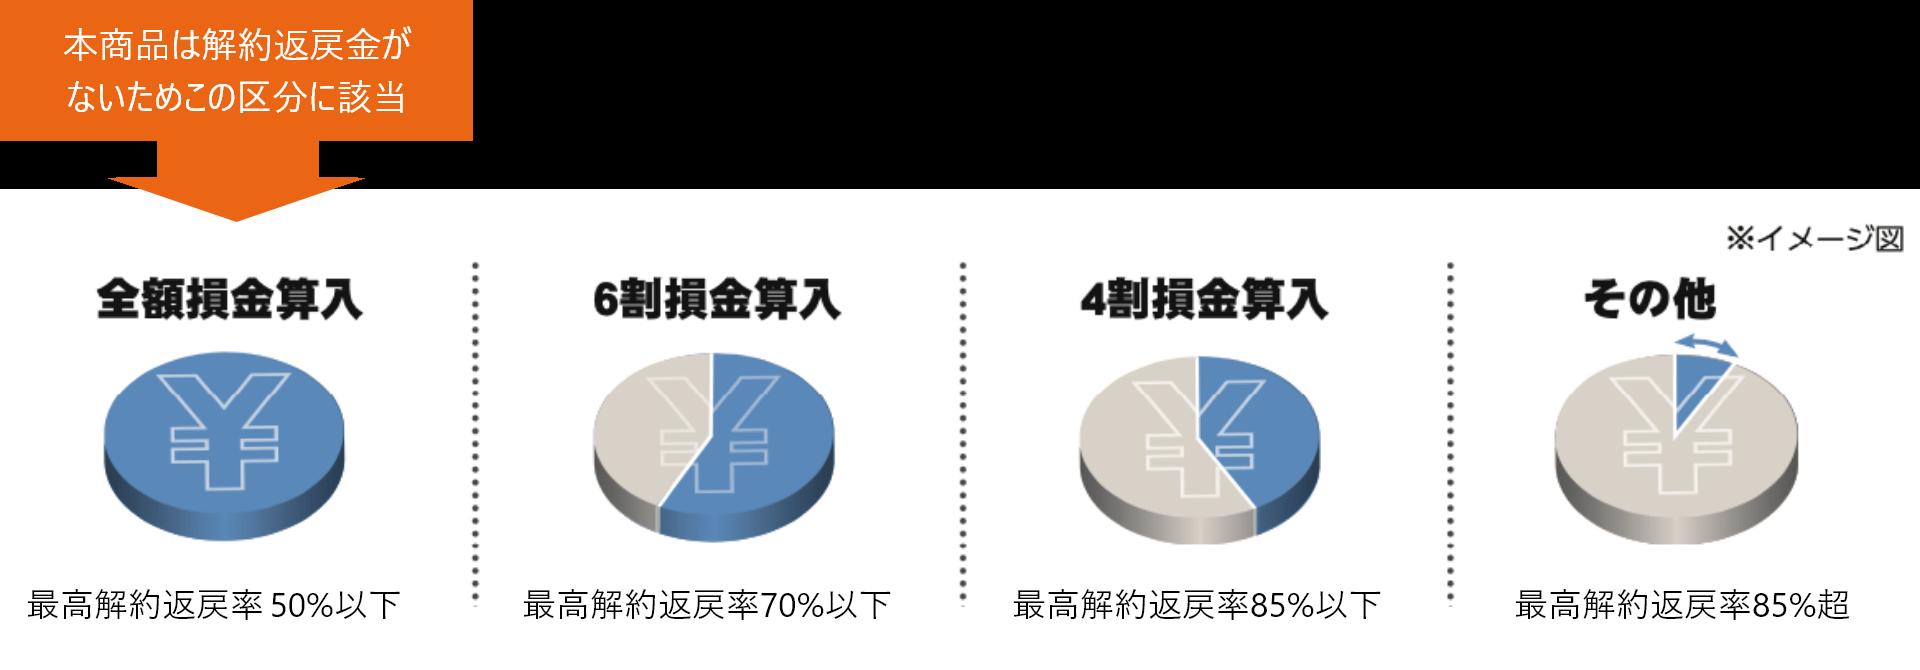 ※イメージ図